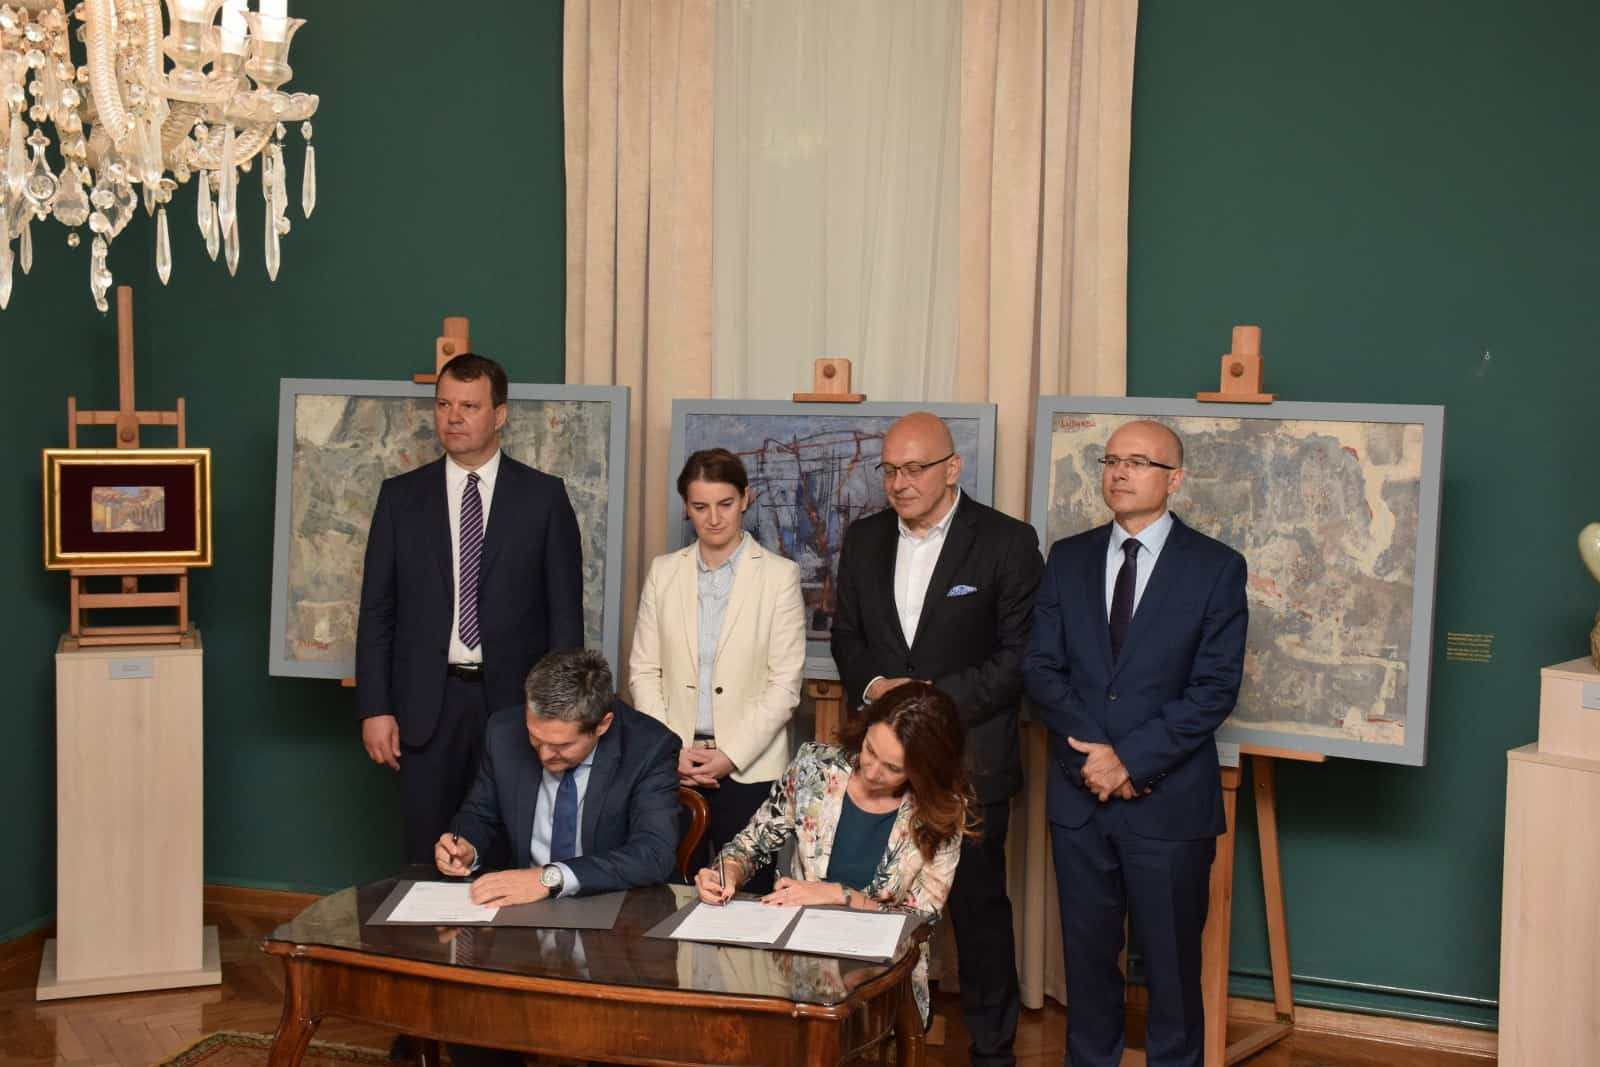 Potpisivanje Akta o donaciji između Galerije Matice srpske i Kompanije TARKETT, foto: GMS